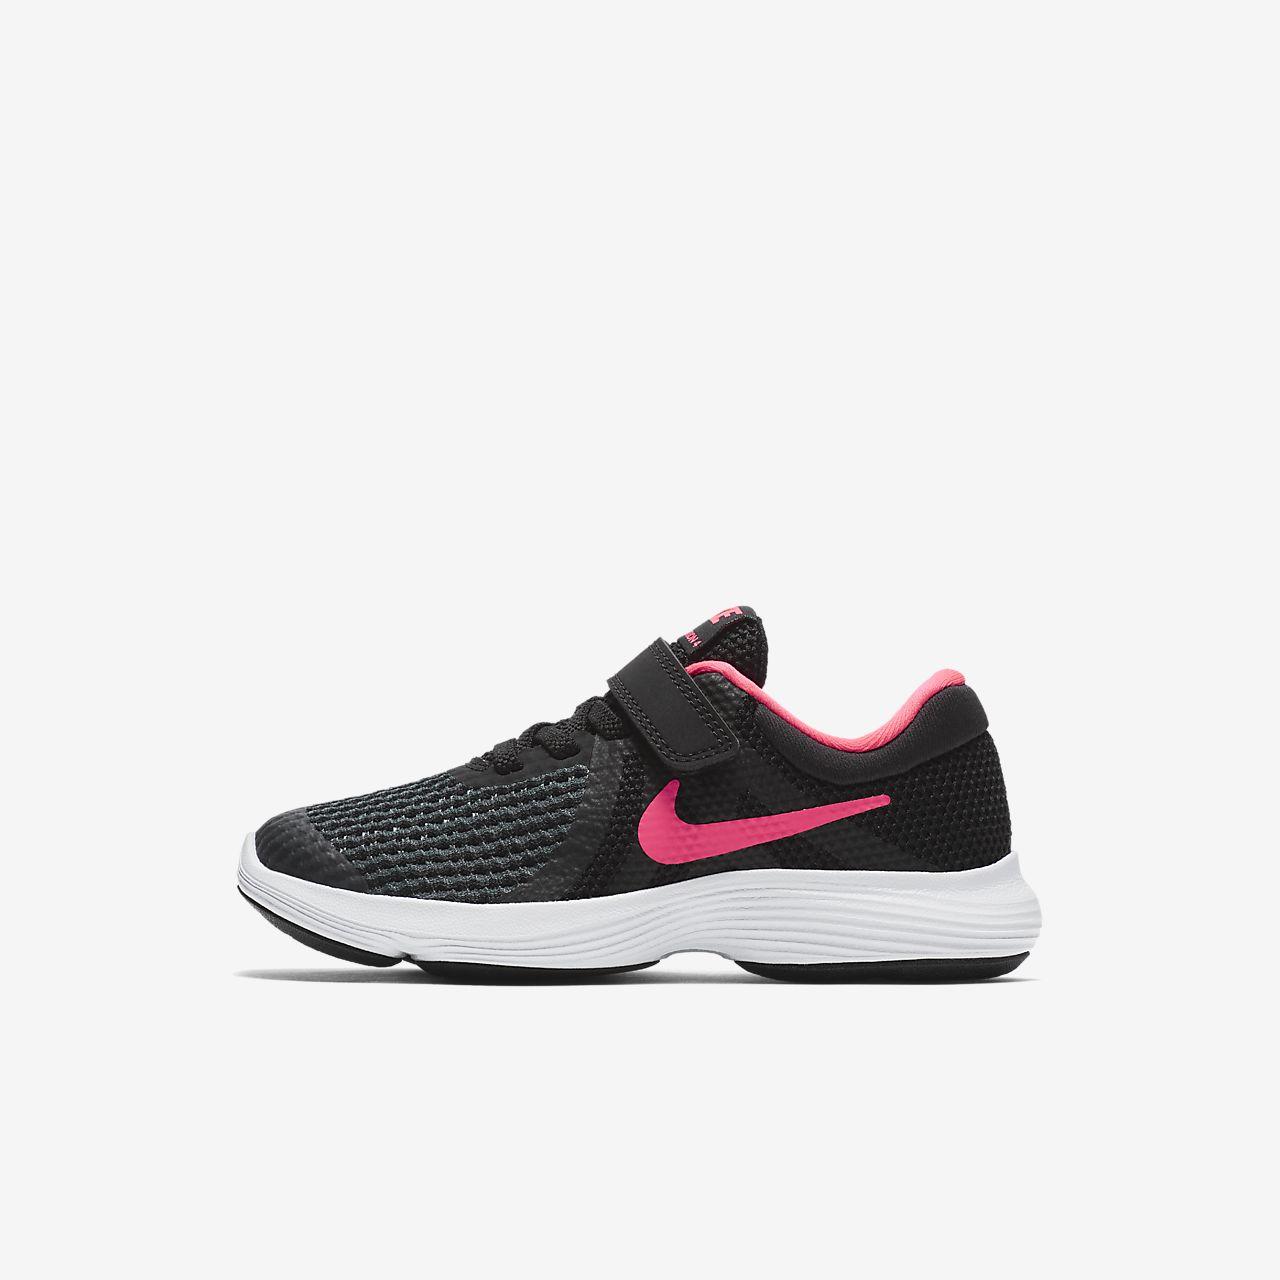 huge selection of bd3b3 676b4 ... online retailer 2683e d3ec2 Sko Nike Revolution 4 för barn